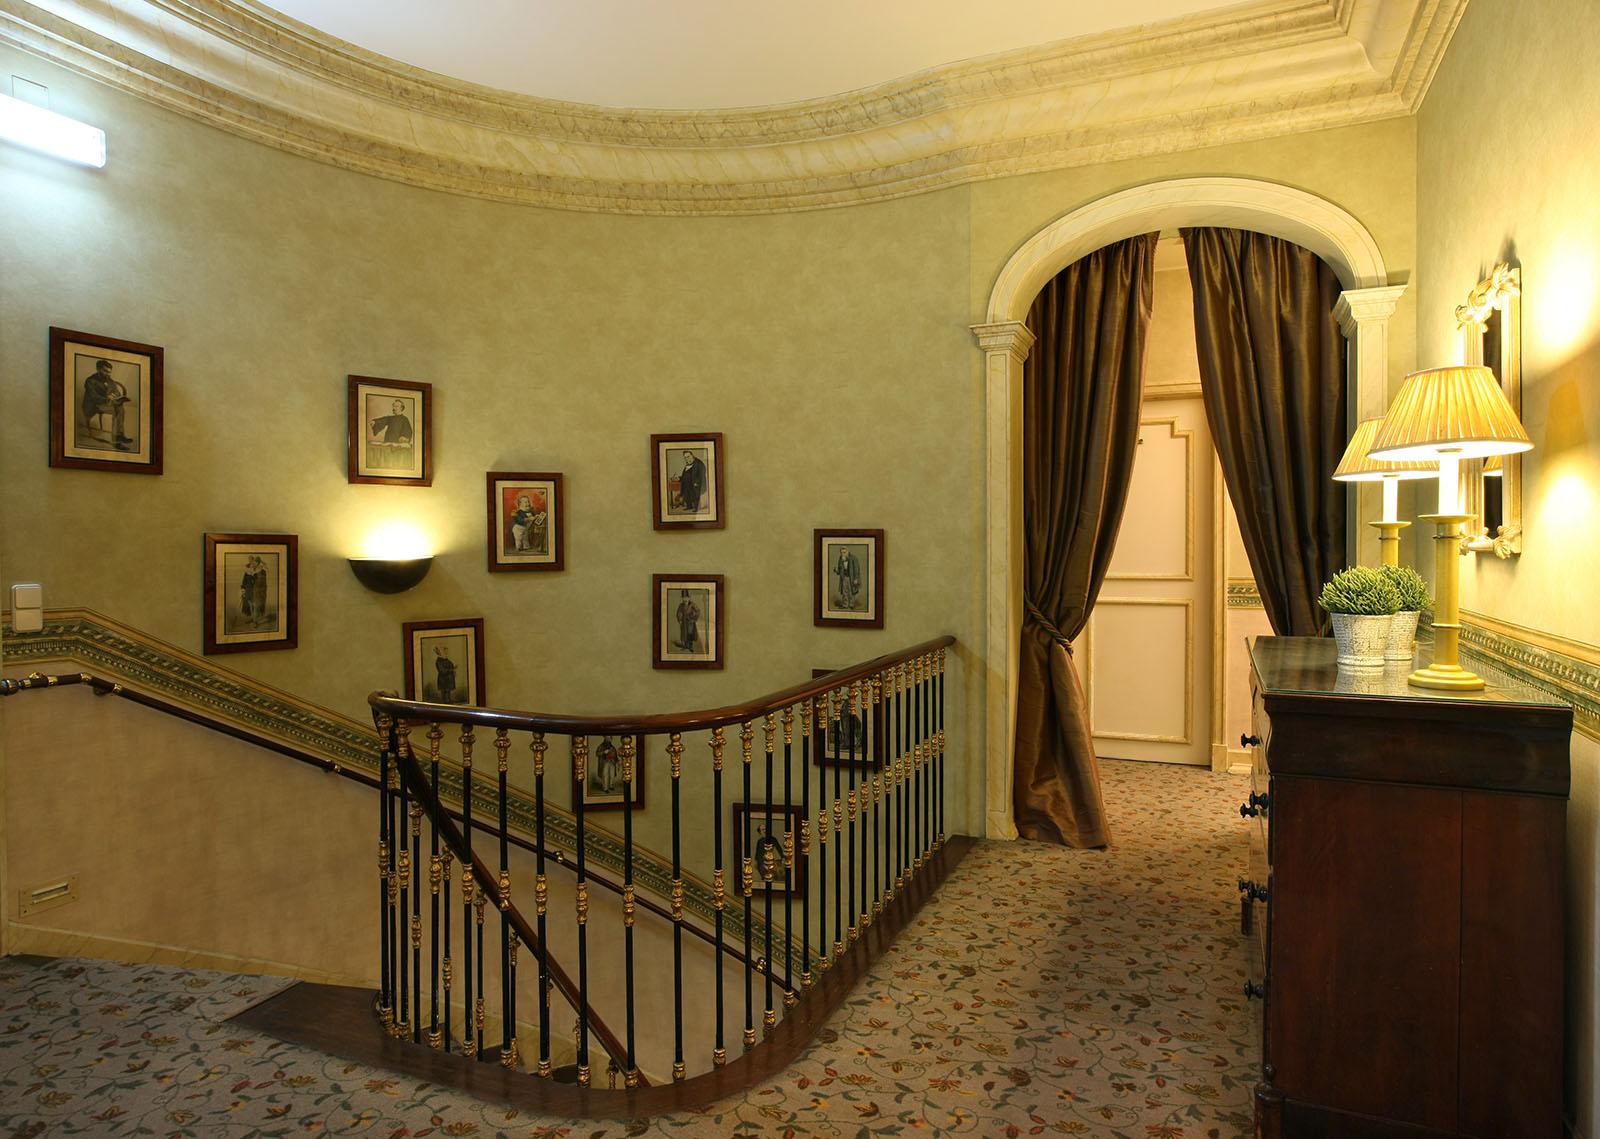 Hoteis Heritage Lisboa nos Historic Hotels of Europe Awards 2018